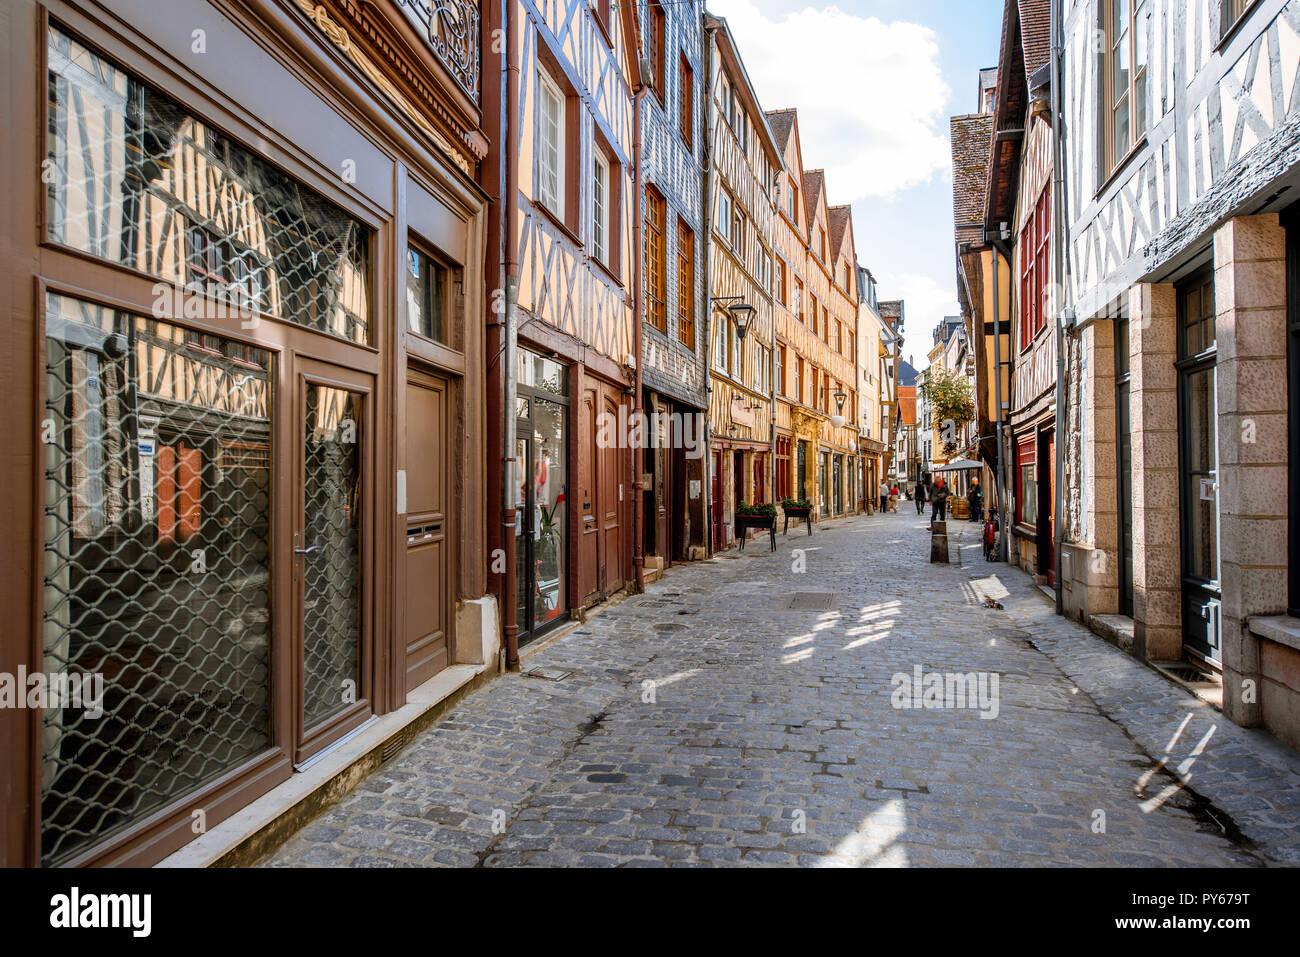 Vista de la calle con hermosas coloridas casas con entramados de madera en la ciudad de Rouen, la capital de la región de Normandía en Francia Imagen De Stock